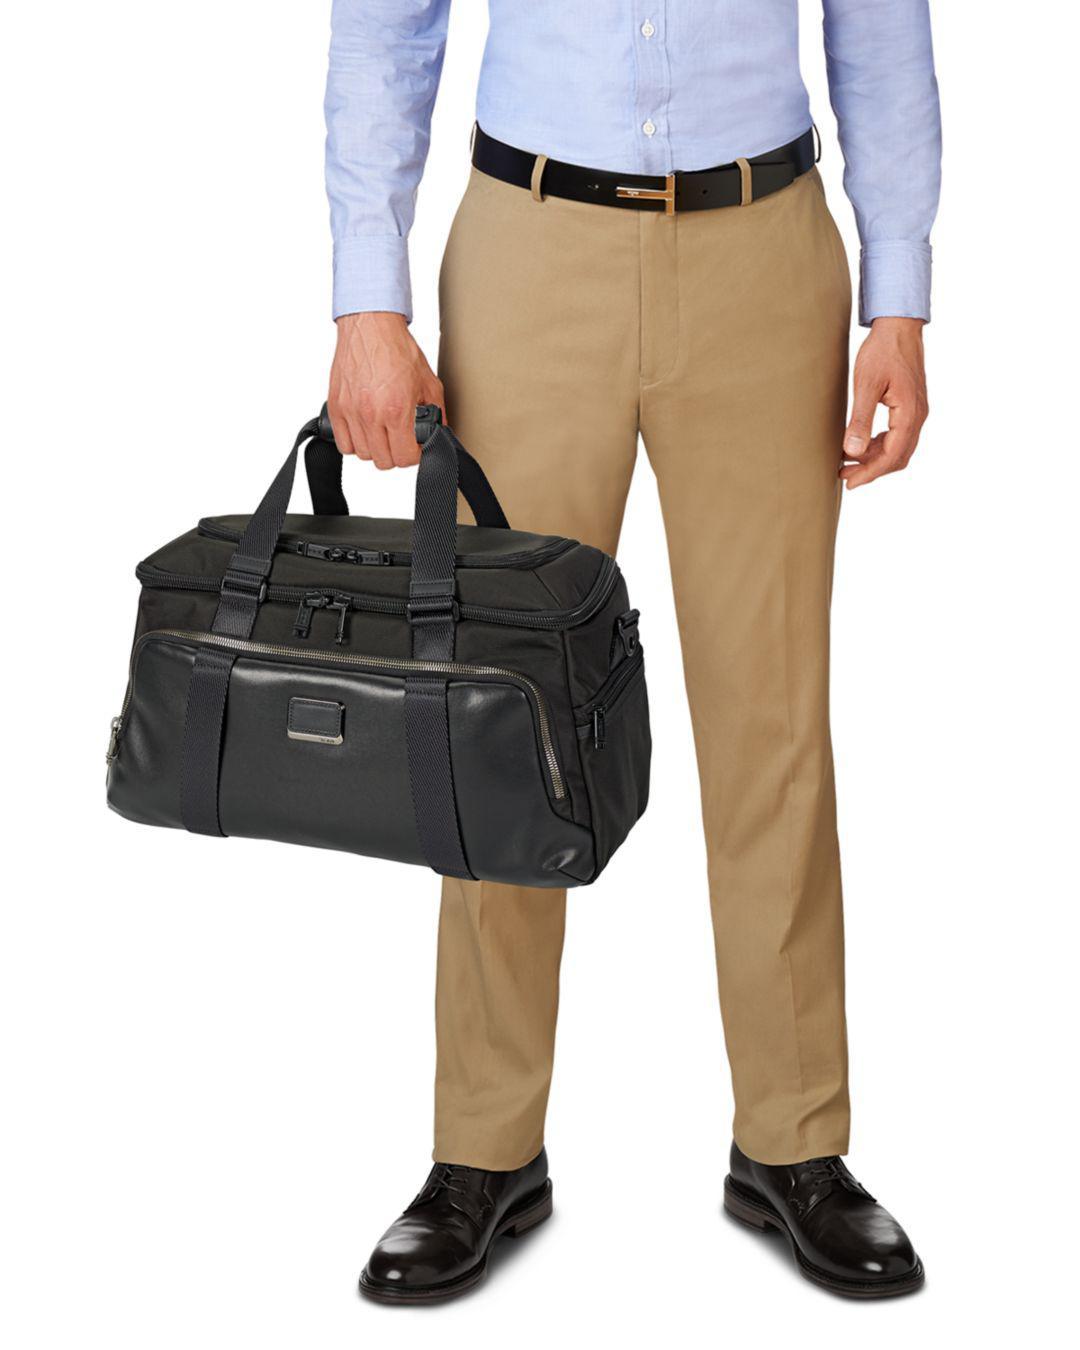 Lyst - Tumi Alpha Bravo Mccoy Gym Duffel Bag in Black for Men - Save 20% b4c206356139b